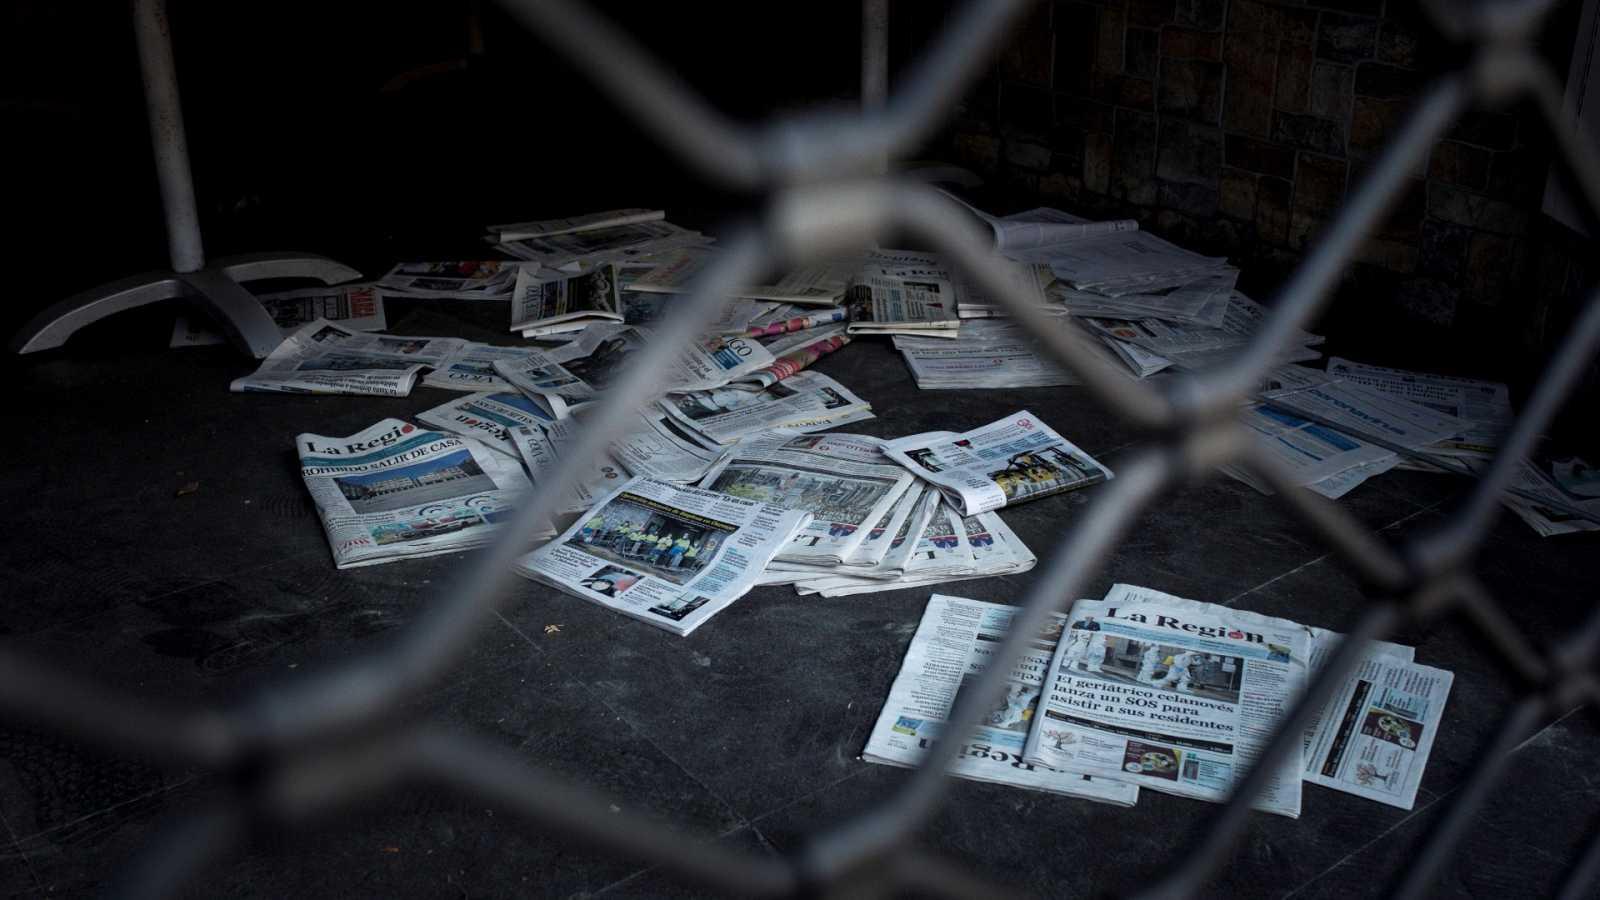 Reporteros sin Fronteras denuncia falta de libertad de prensa en algunos países durante la pandemia